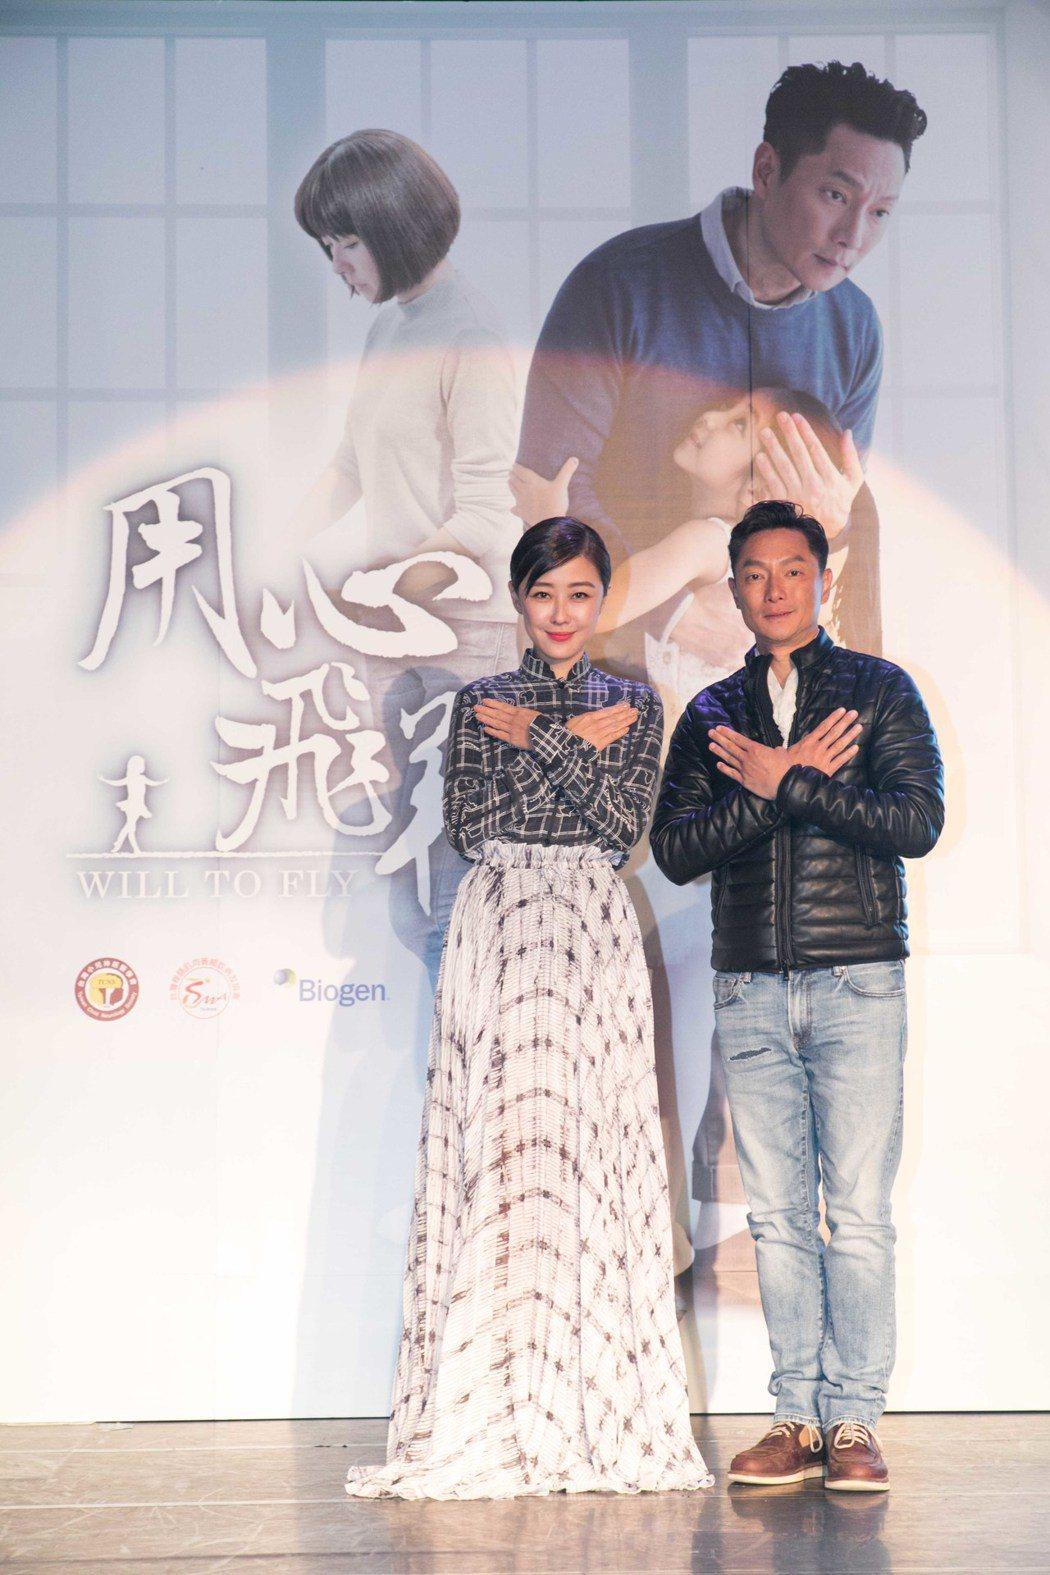 謝祖武(右)、李維維出席公益微電影「用心飛翔」首映記者會。圖/創異公關提供